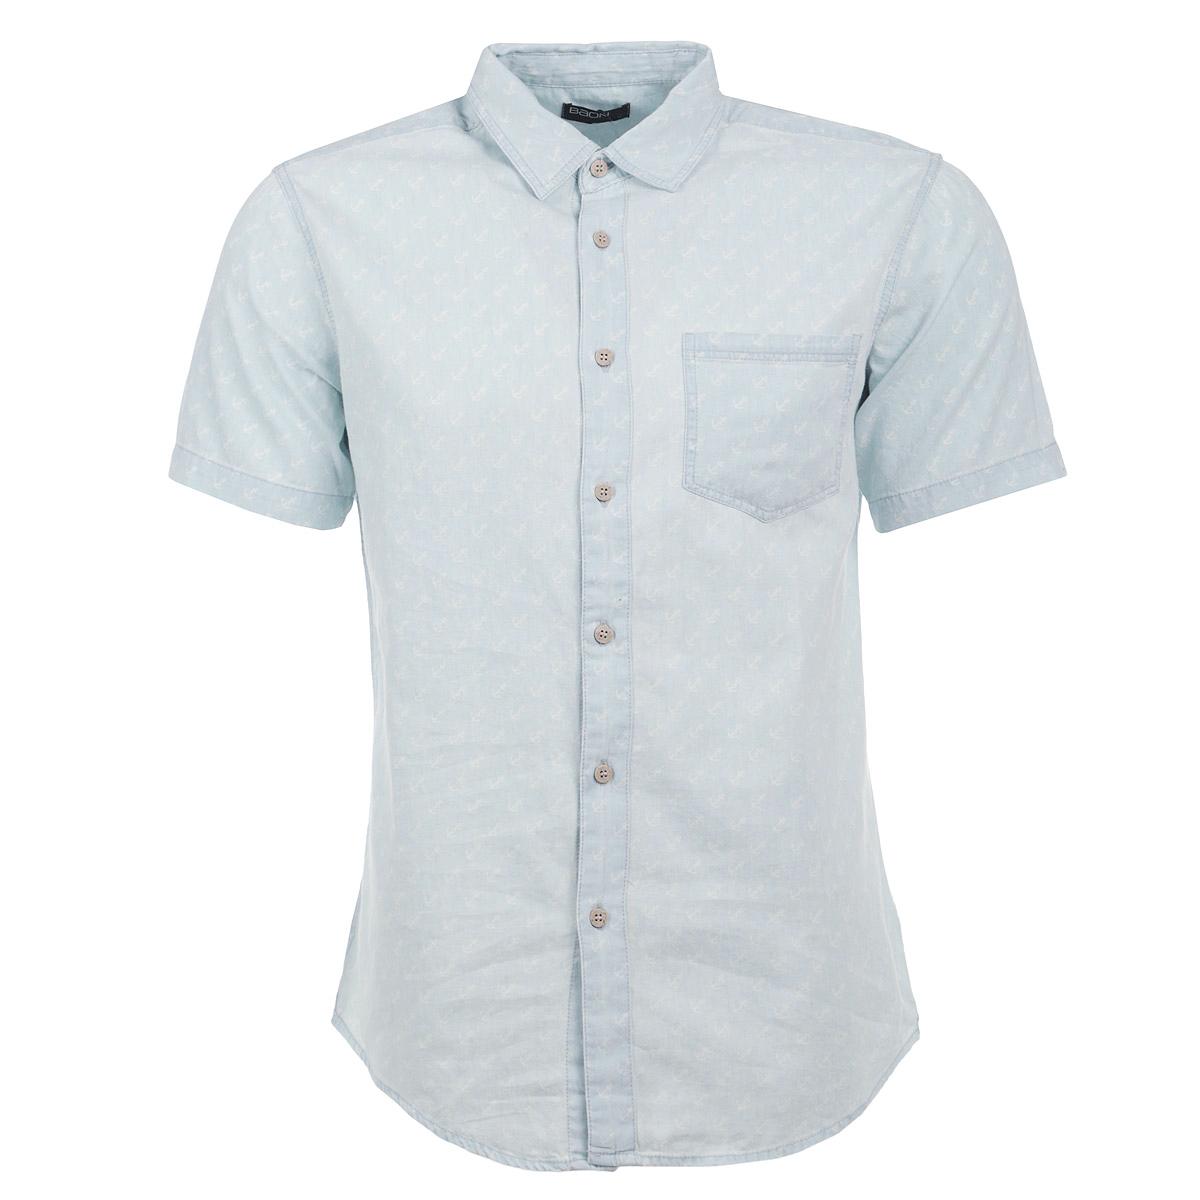 Рубашка мужская. B685022B685022Стильная мужская рубашка Baon, изготовленная из высококачественного материала, необычайно мягкая и приятная на ощупь, не сковывает движения и позволяет коже дышать, обеспечивая наибольший комфорт. Модная рубашка прямого кроя с короткими рукавами, отложным воротником и полукруглым низом, застегивается на пуговицы. Модель дополнена на груди накладным карманом. Эта рубашка идеальный вариант для повседневного гардероба. Такая модель порадует настоящих ценителей комфорта и практичности!